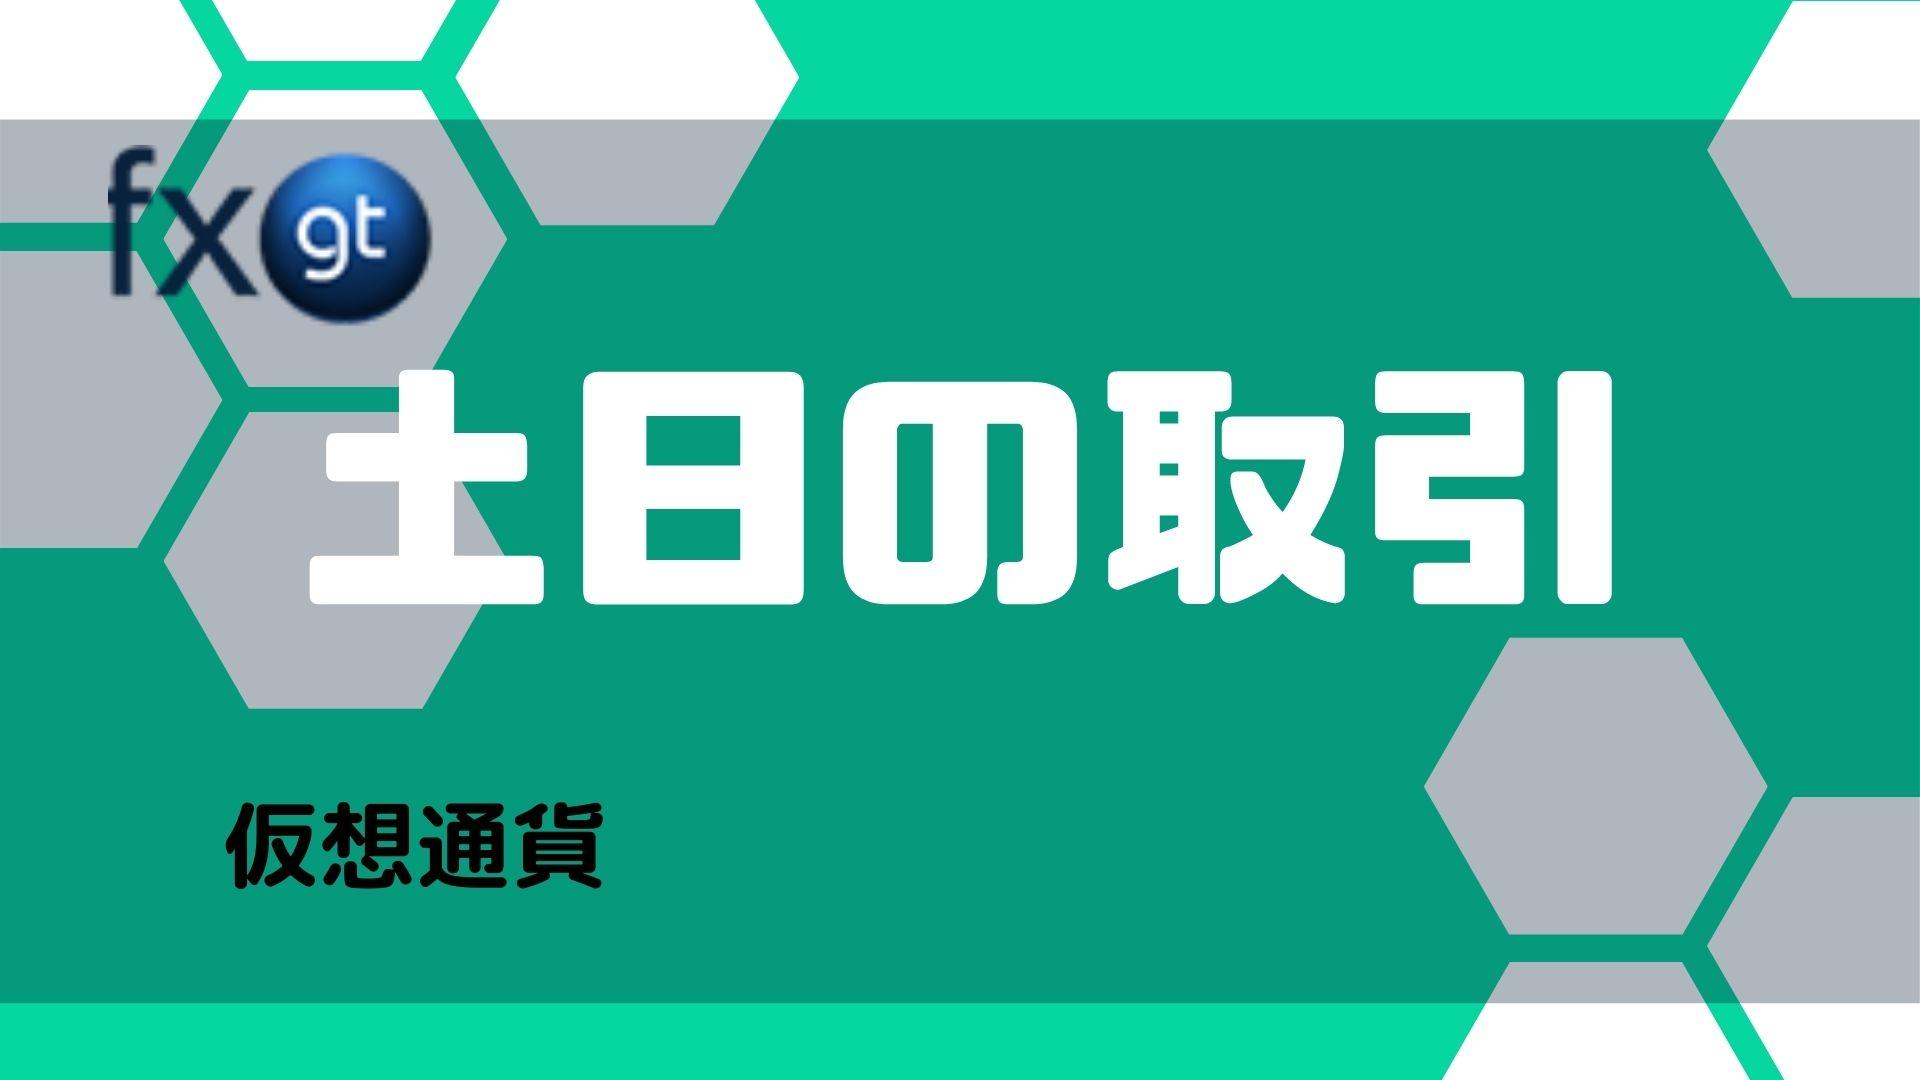 fxgt-donichi-title